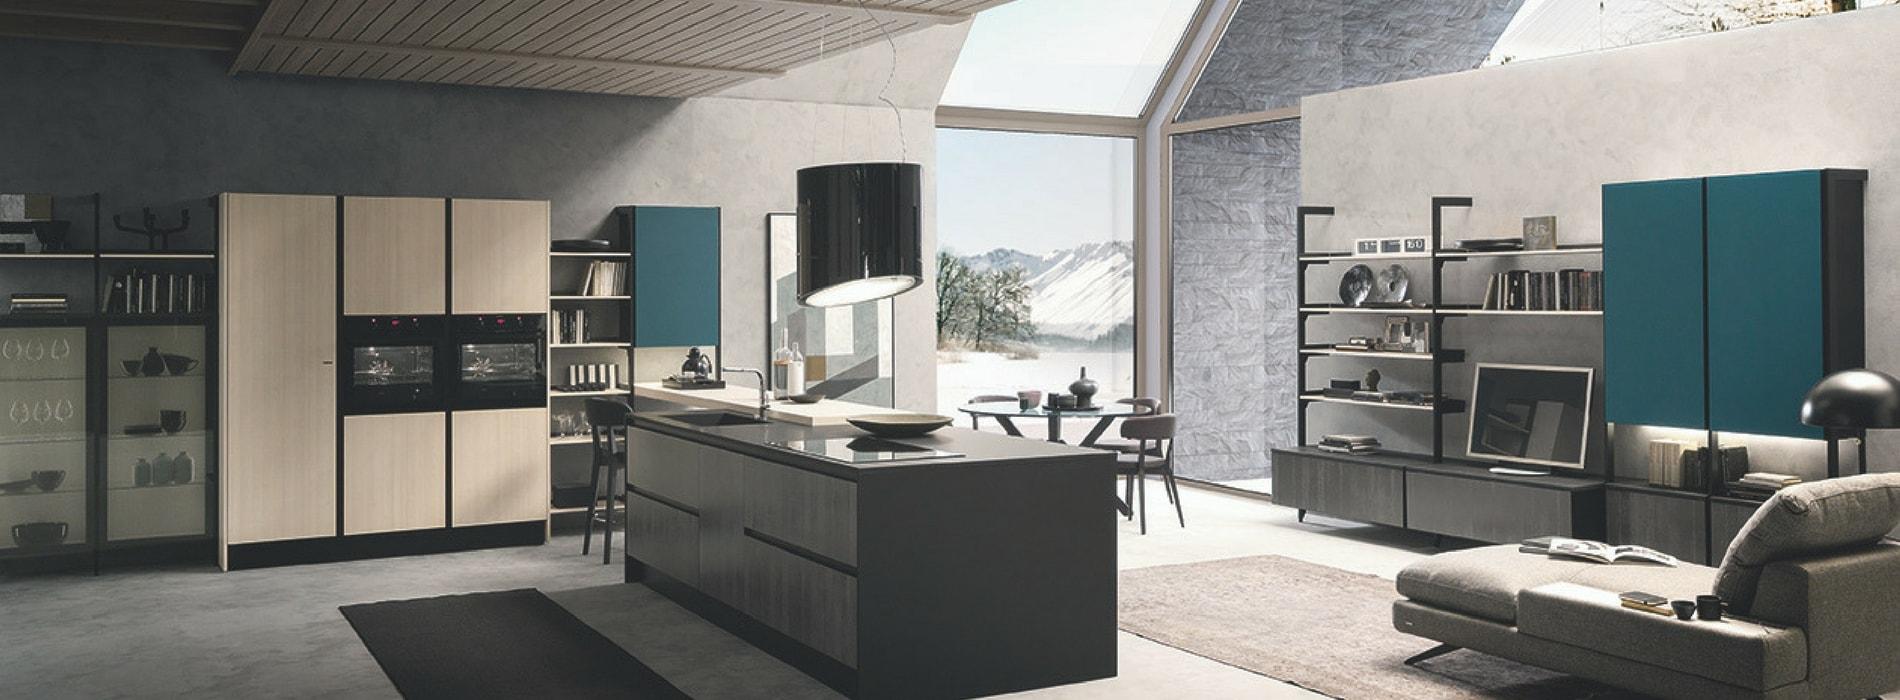 Cucine con isola - Cucine classiche con isola ...